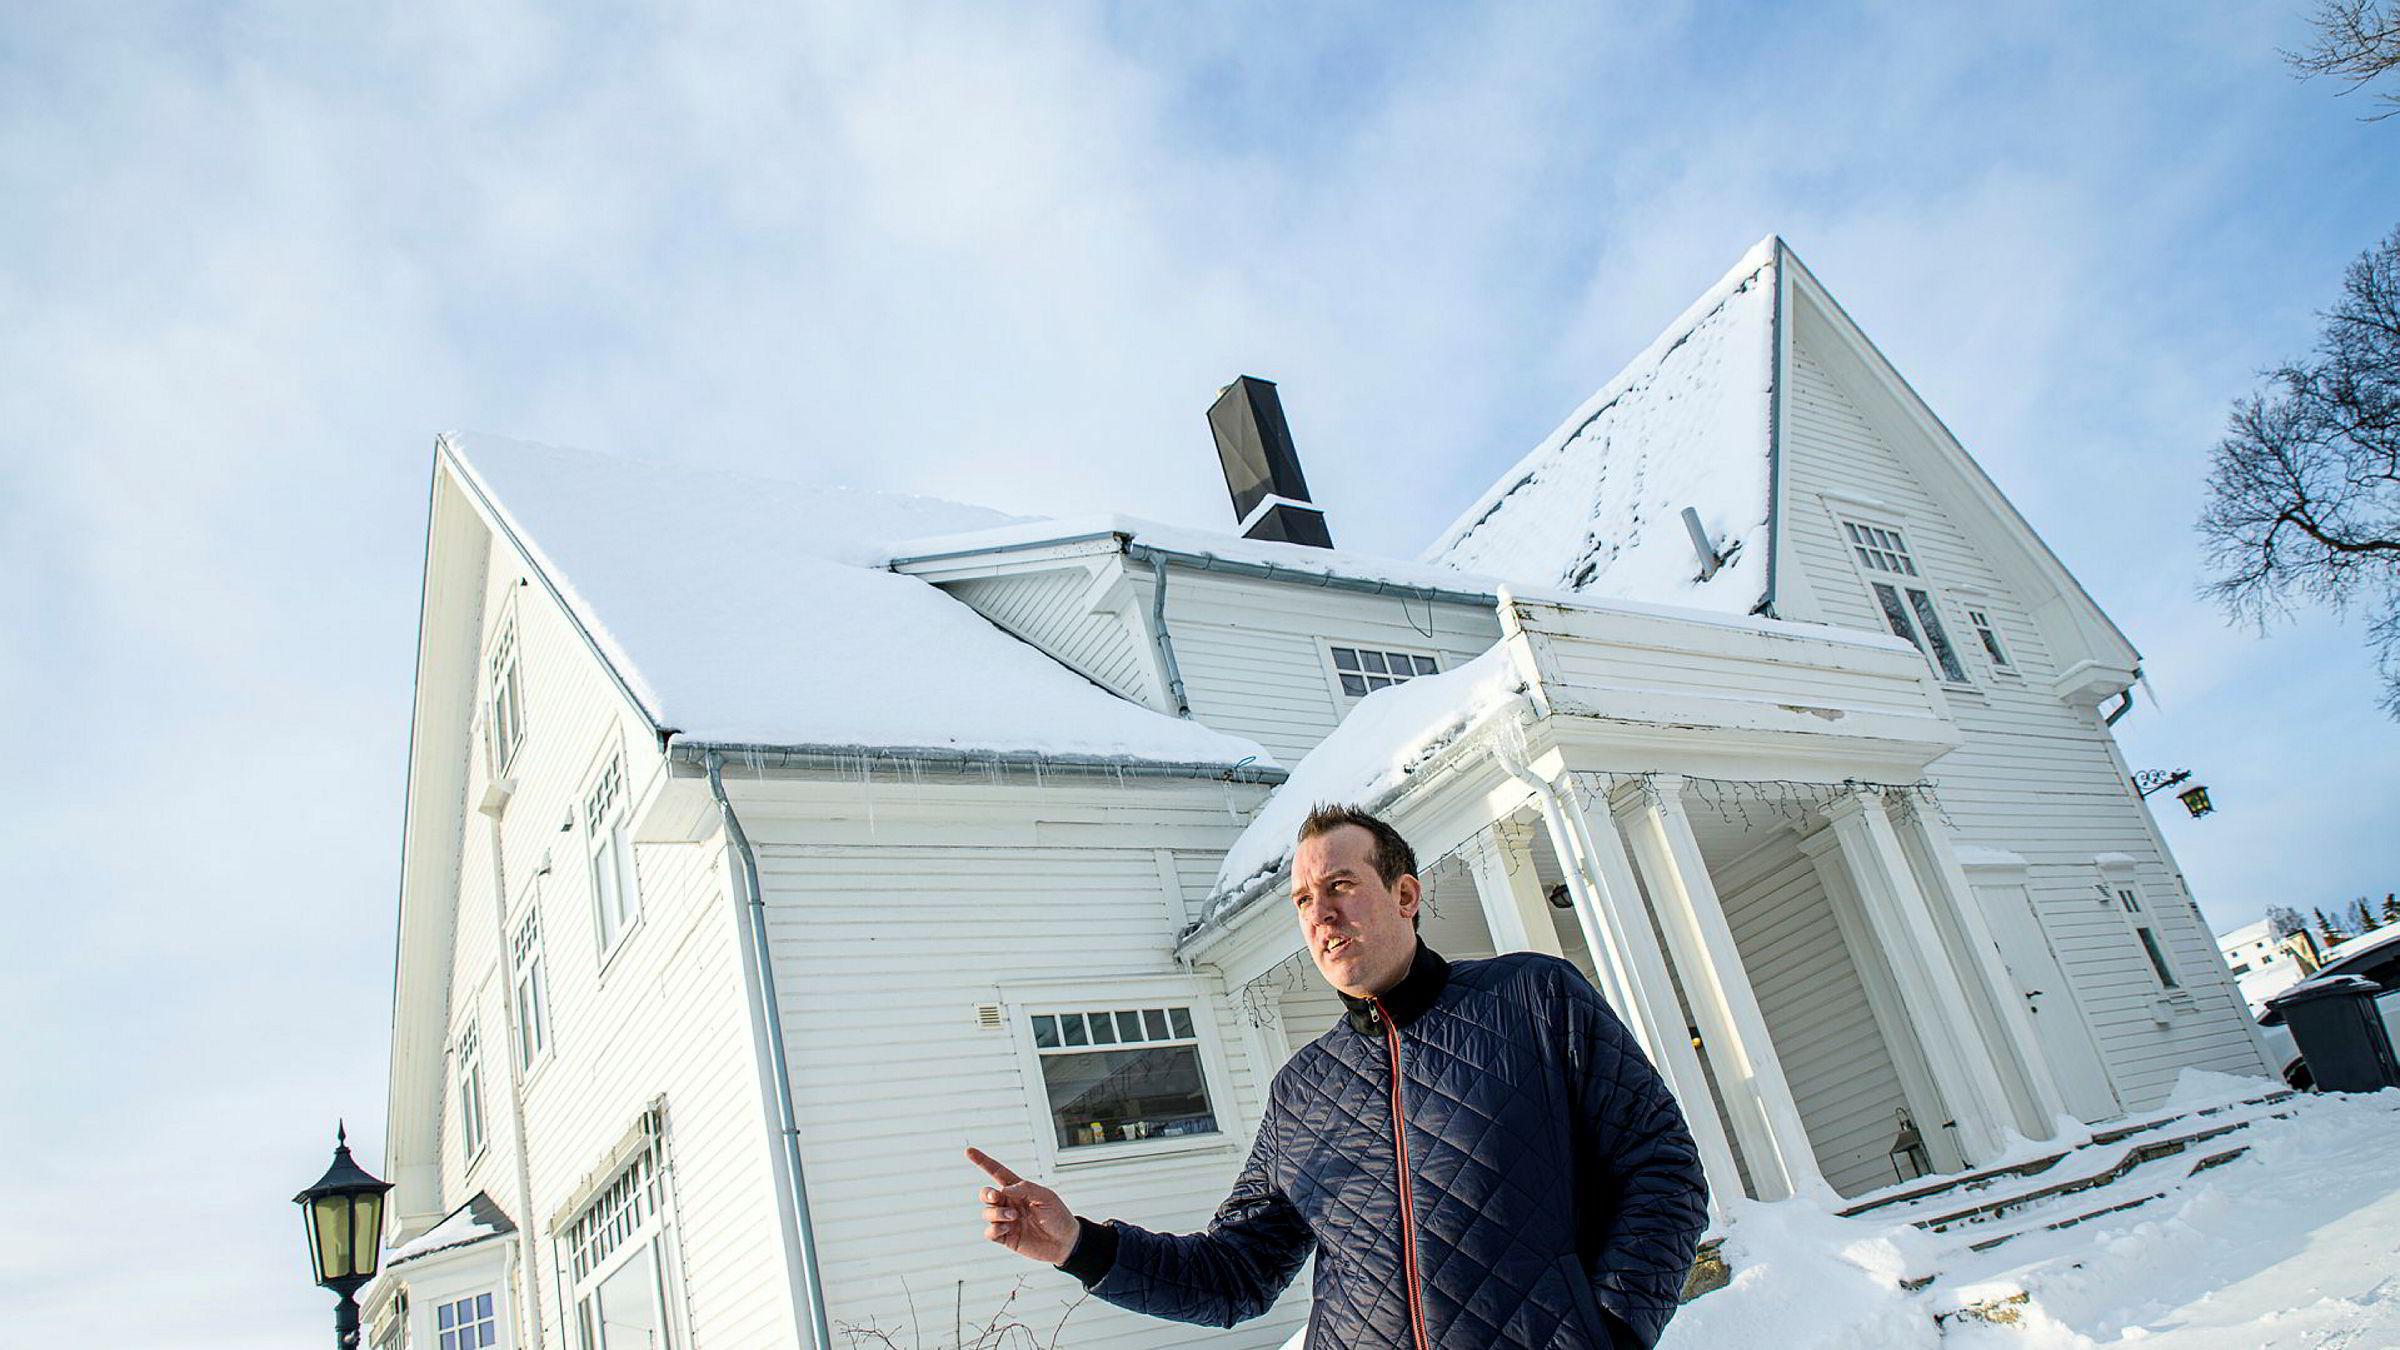 Roy Arne Myrvoll leier ut langtid og via Airbnb. Han ser nedgang i markedet på grunn av koronasmitte.